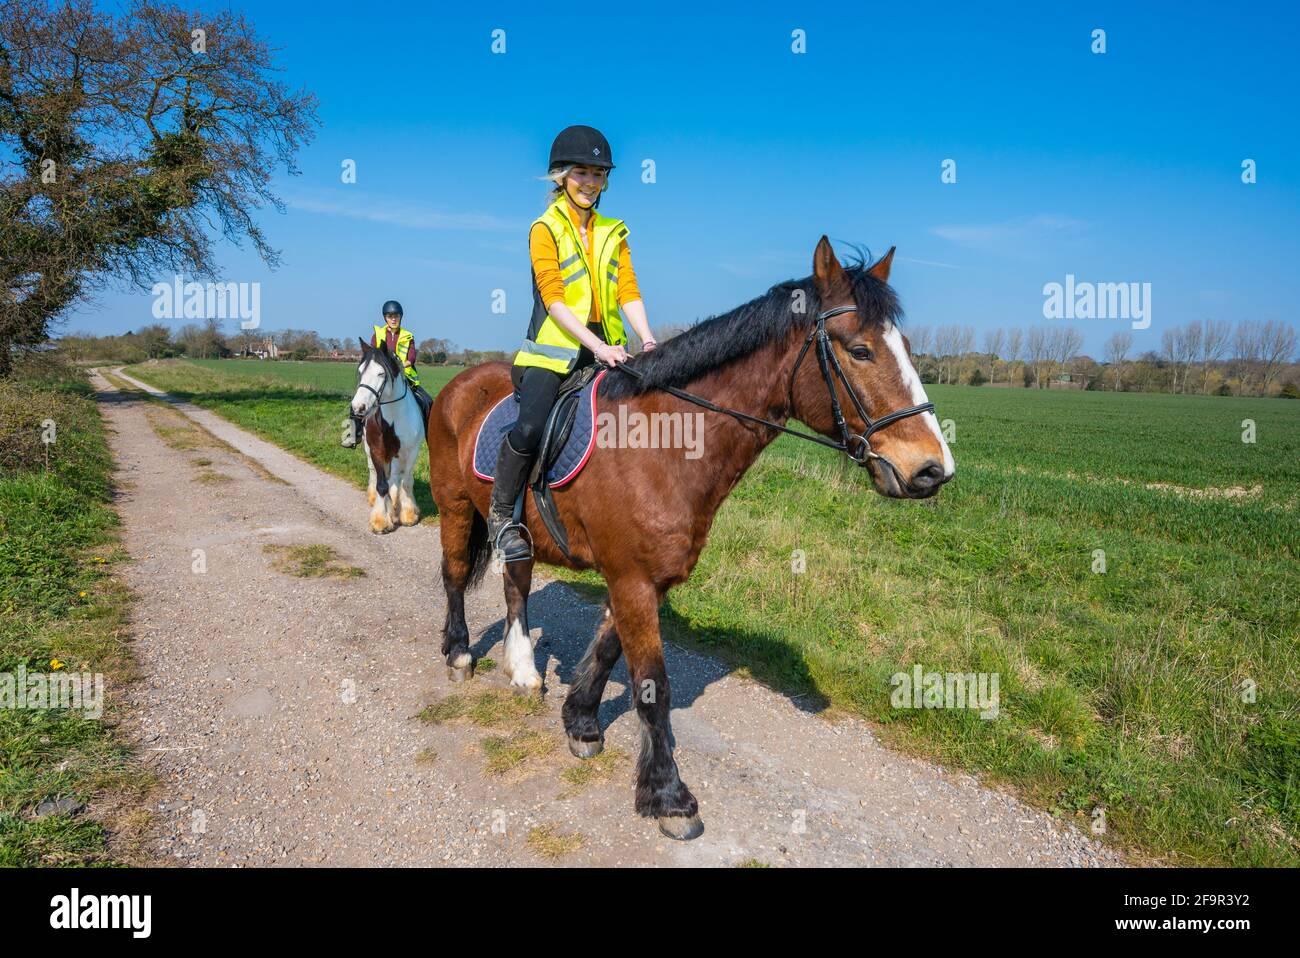 Mujeres jóvenes montando caballos en un camino rural a través del campo en un día soleado en primavera en West Sussex, Reino Unido. Paseo a caballo / jinetes. Foto de stock